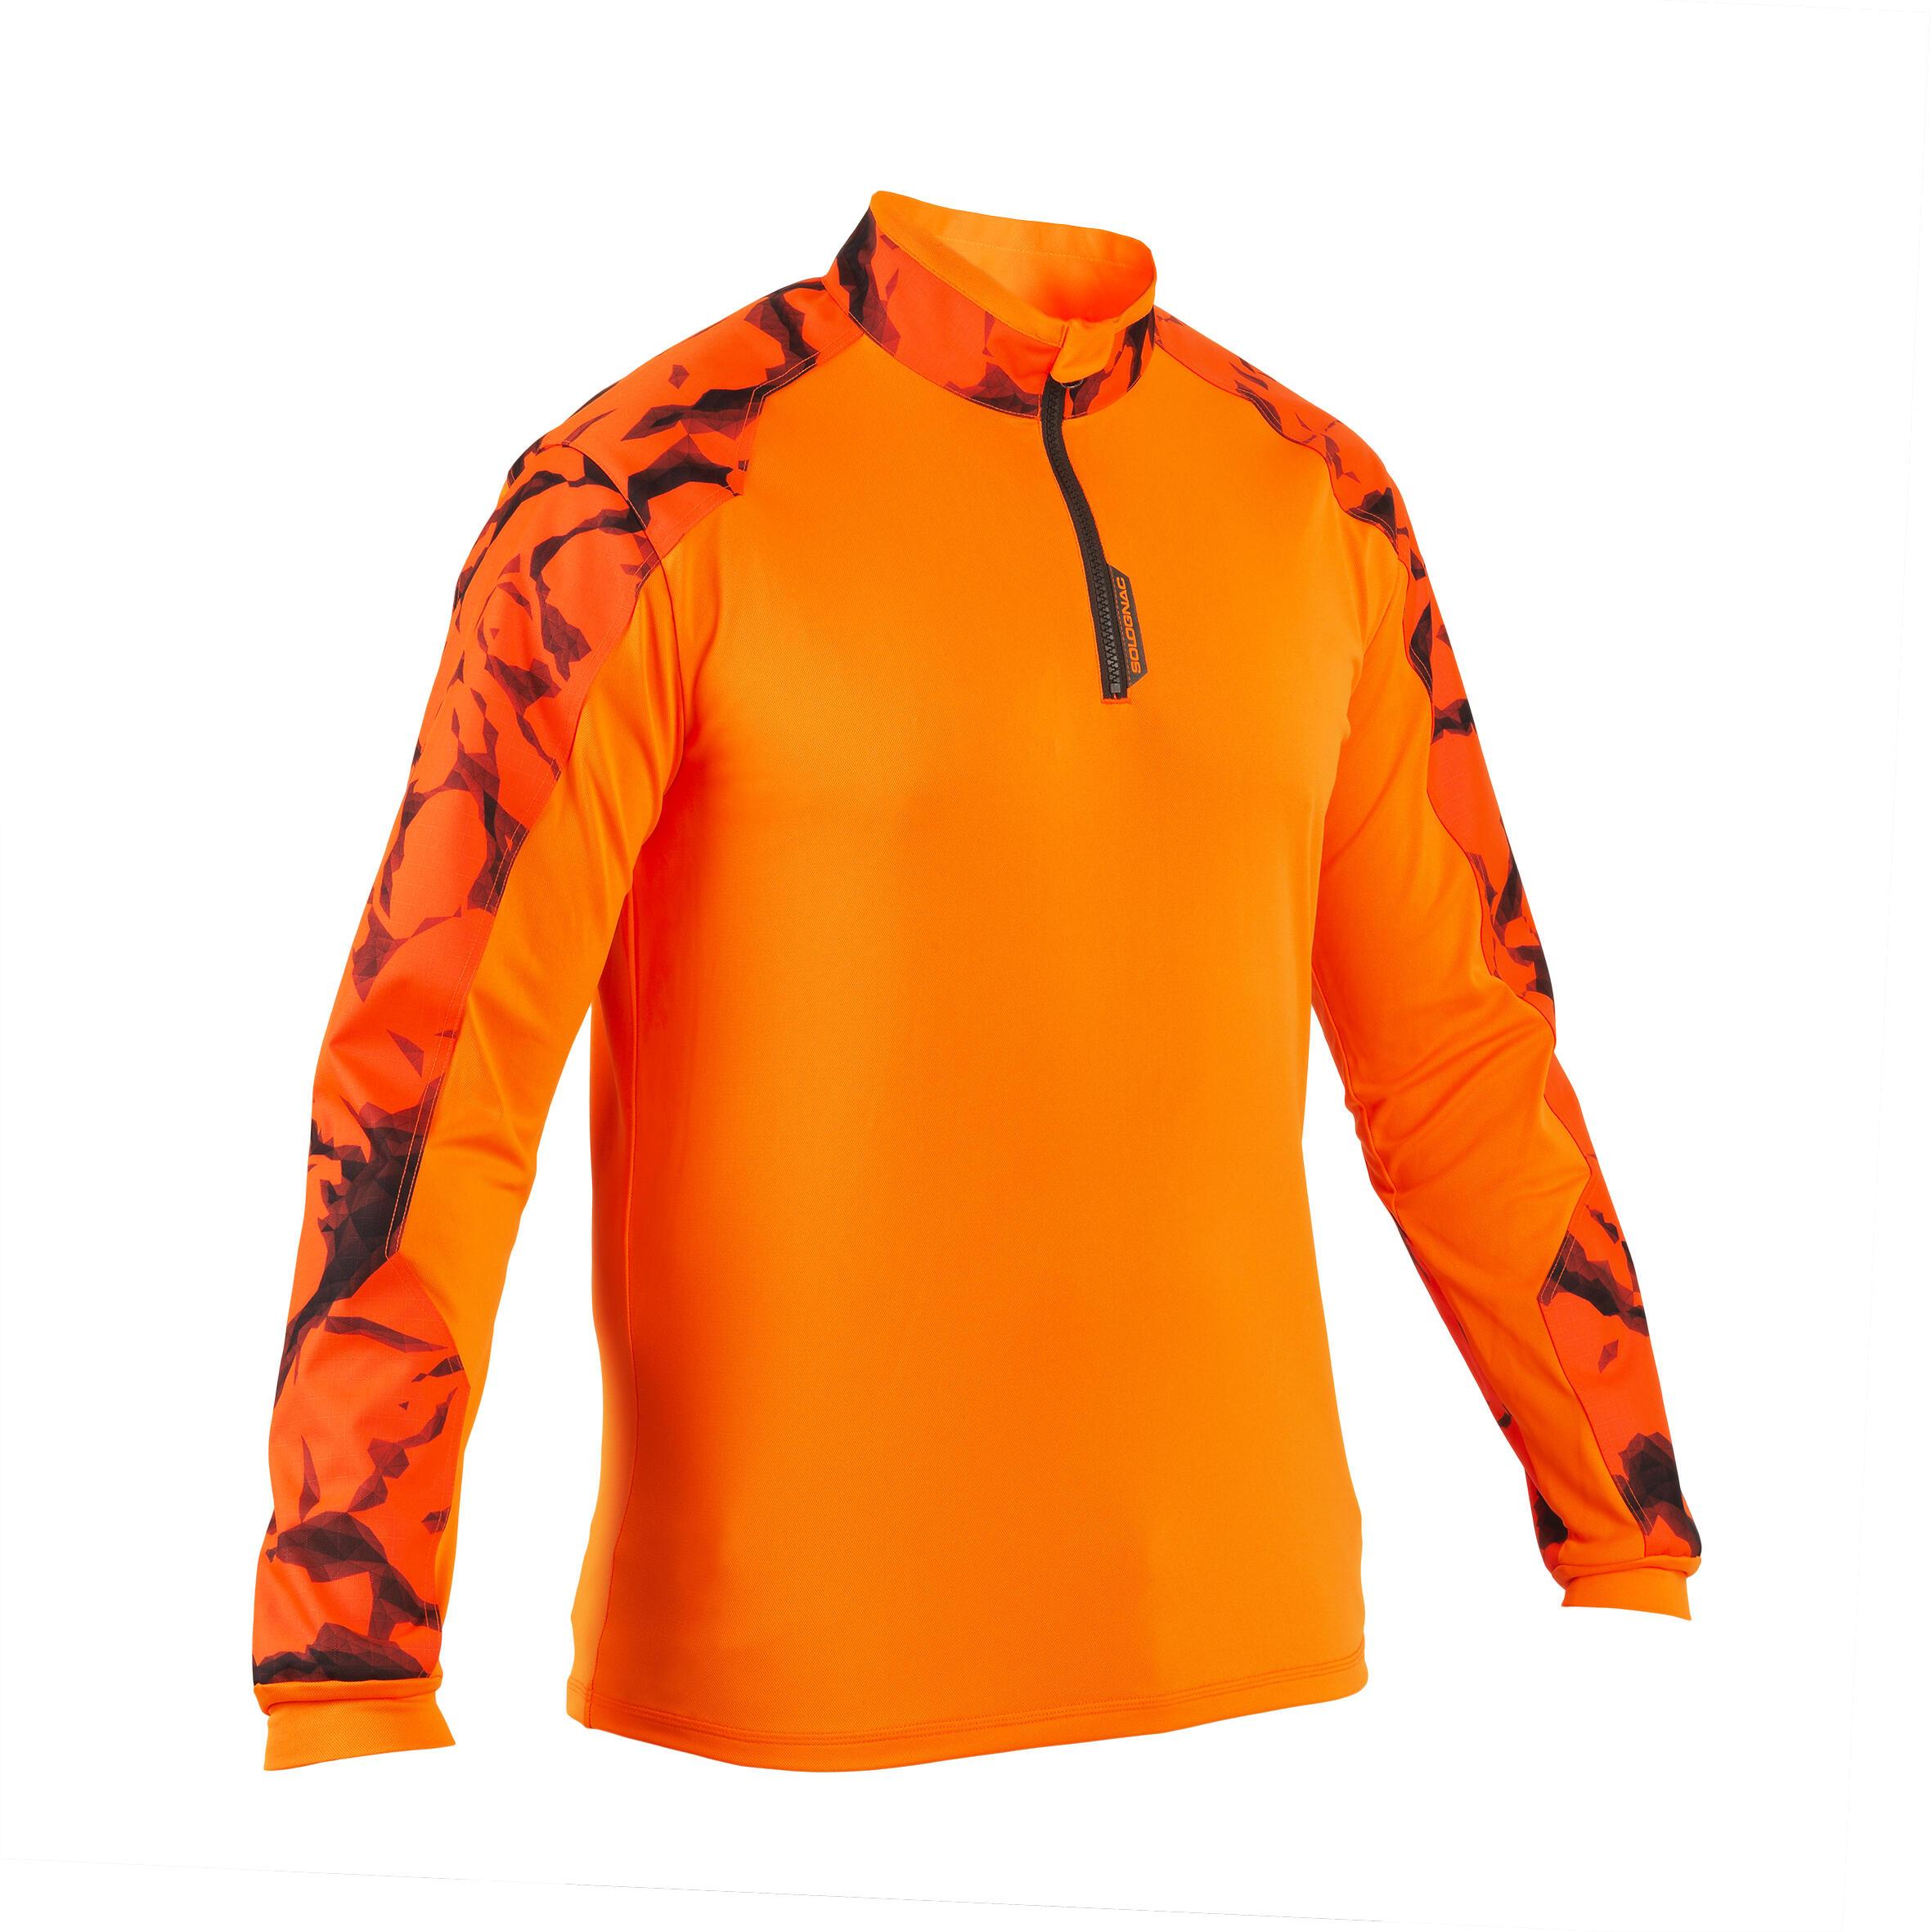 Solognac T-shirt met lange mouwen voor de jacht Supertrack fluo camouflage